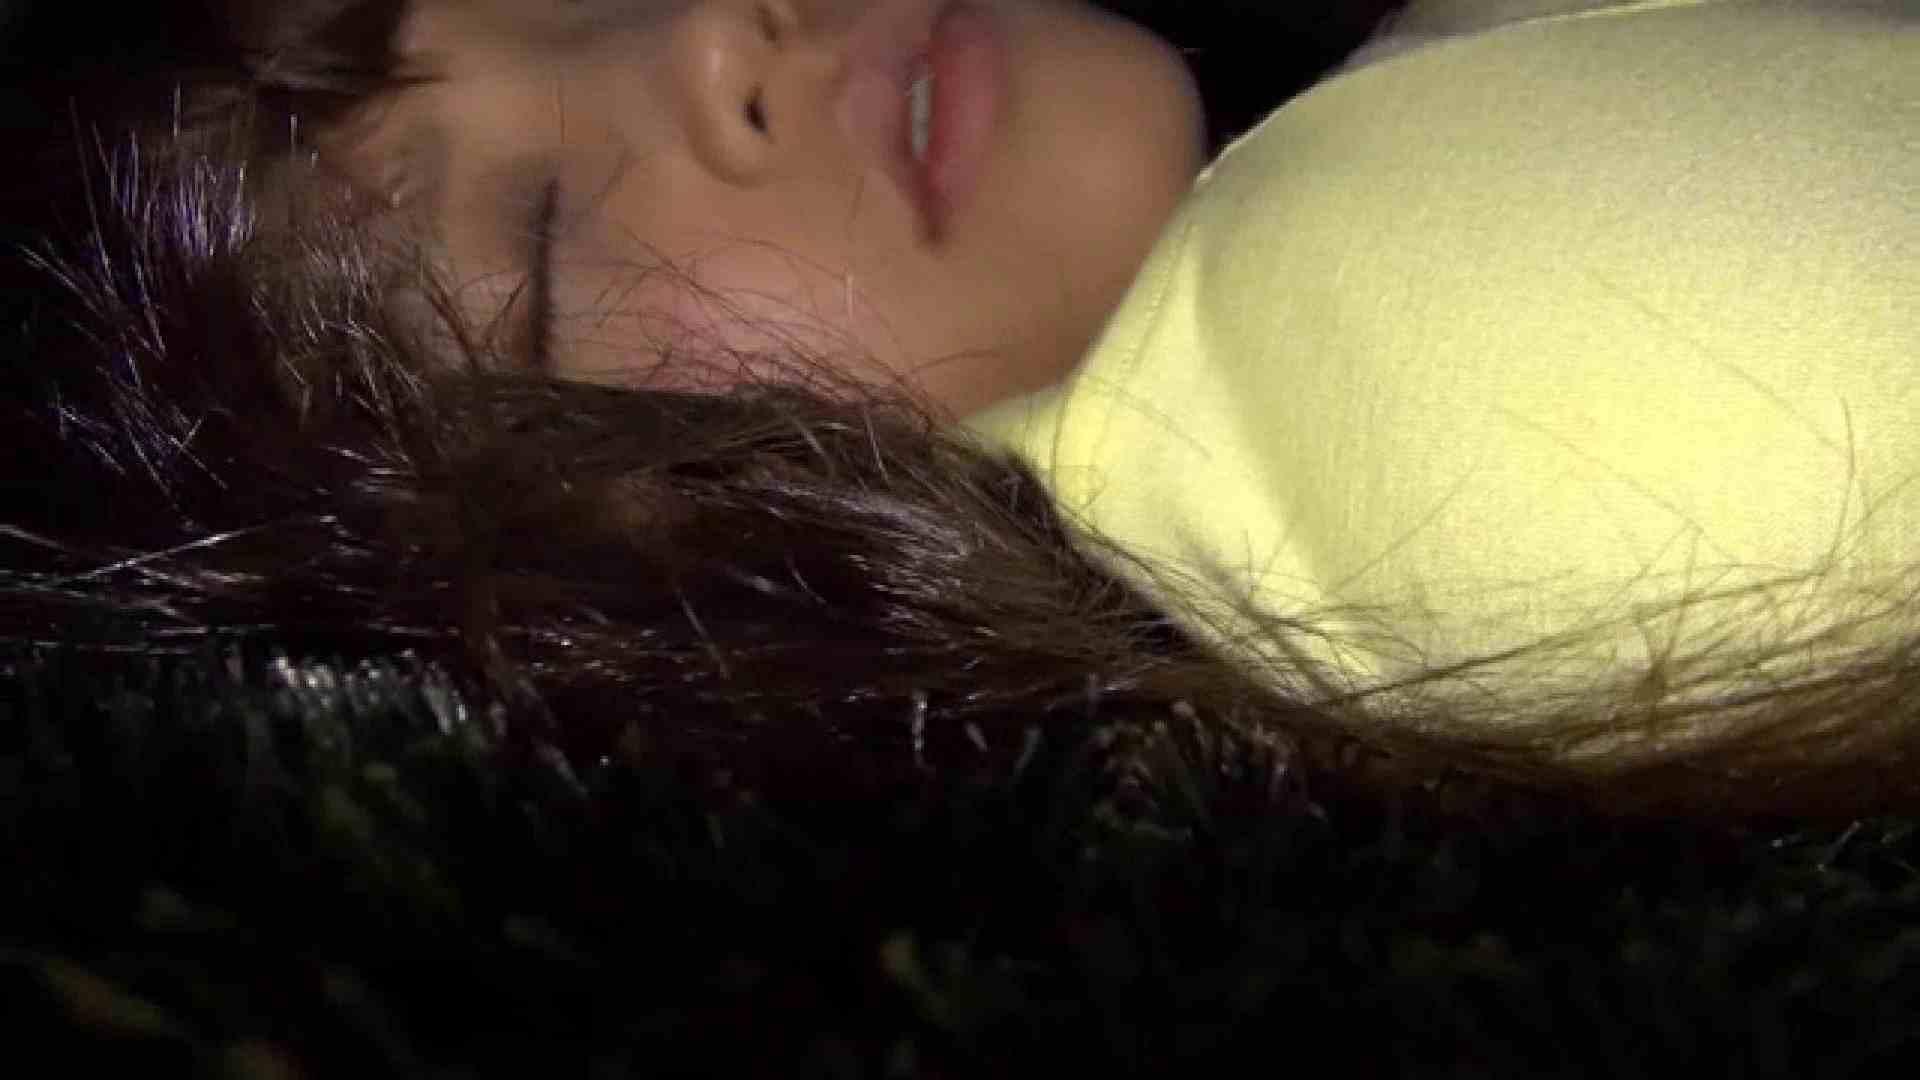 エロ娘達の反乱 Vol.04 美しいOLの裸体 | マンコ・ムレムレ  89pic 7